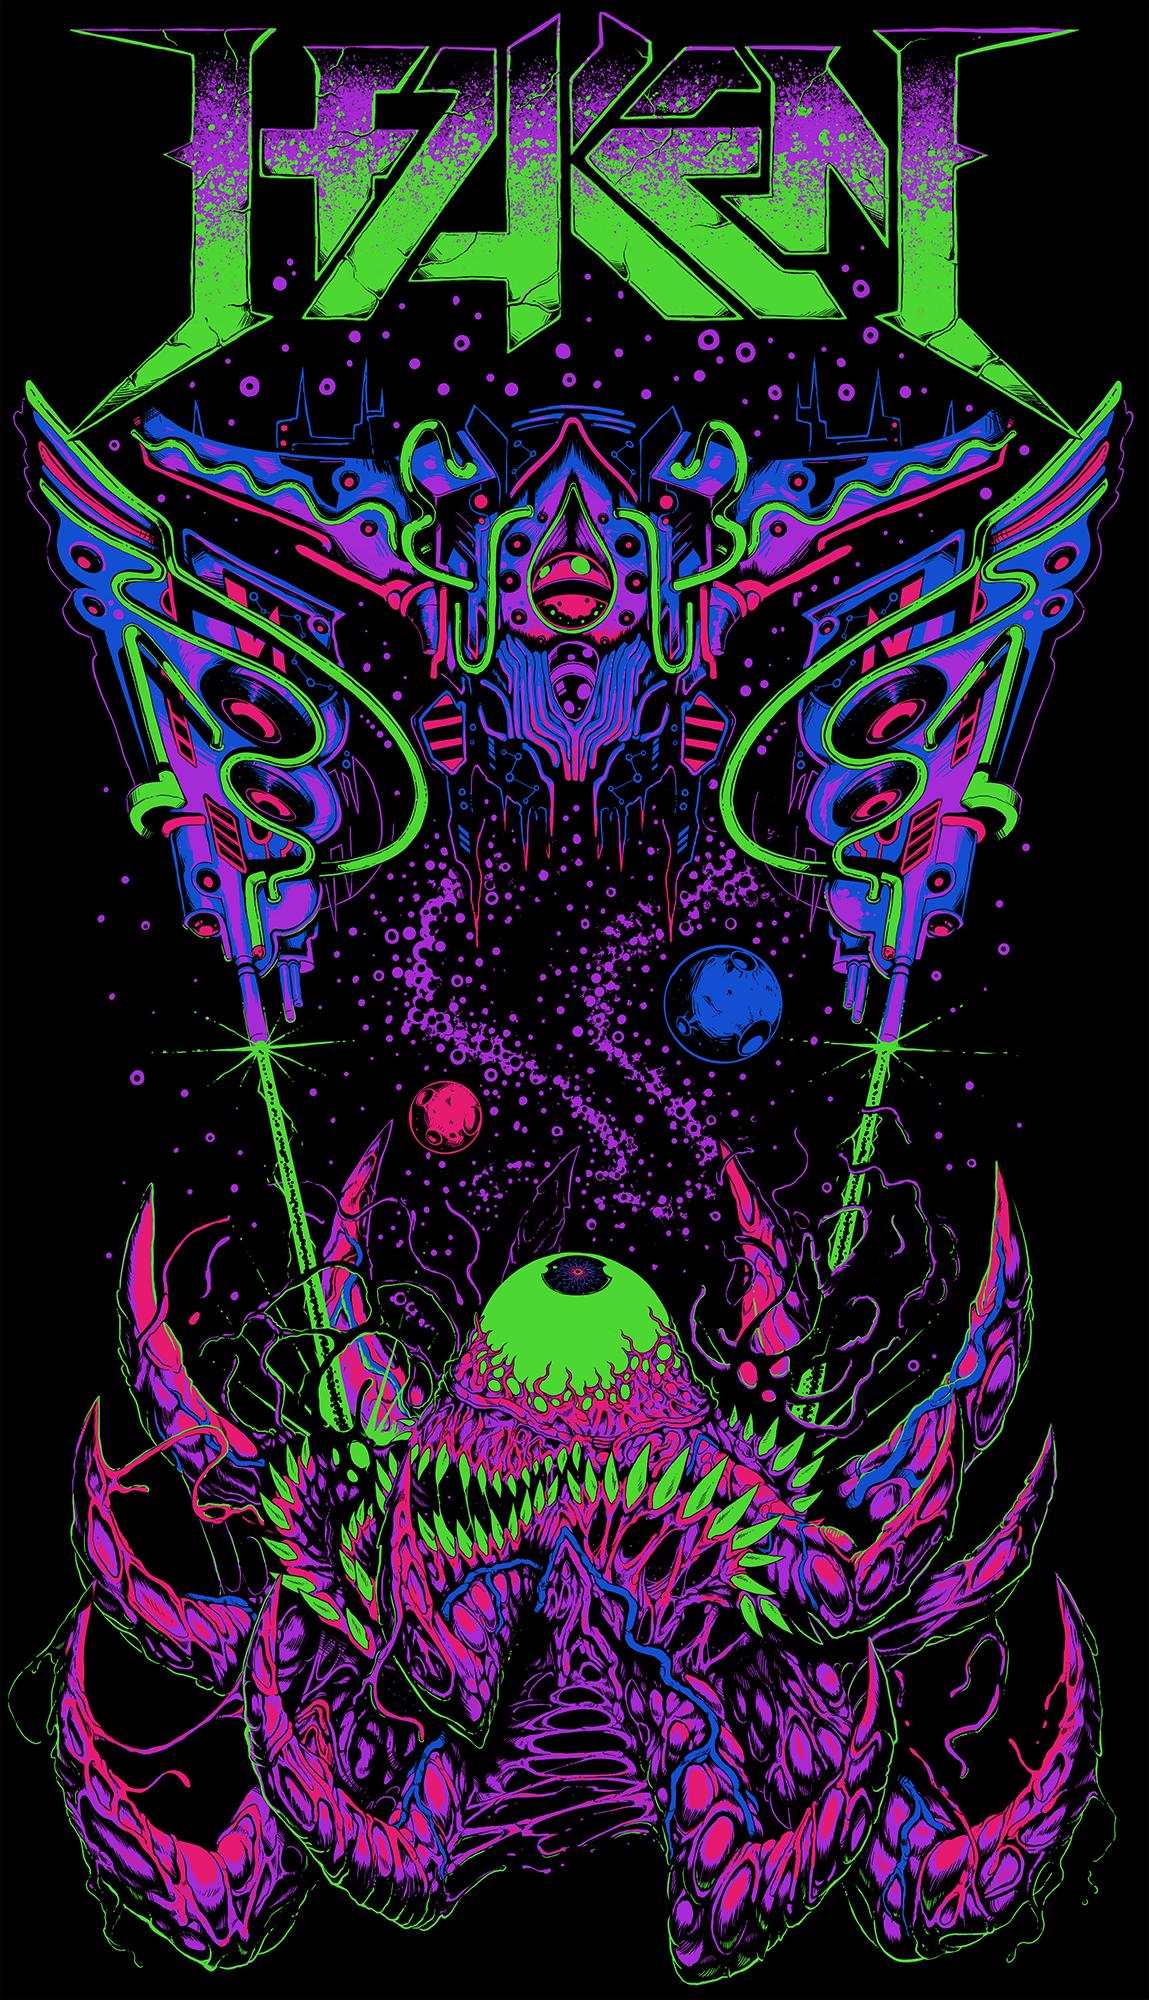 Haken T-shirt Design